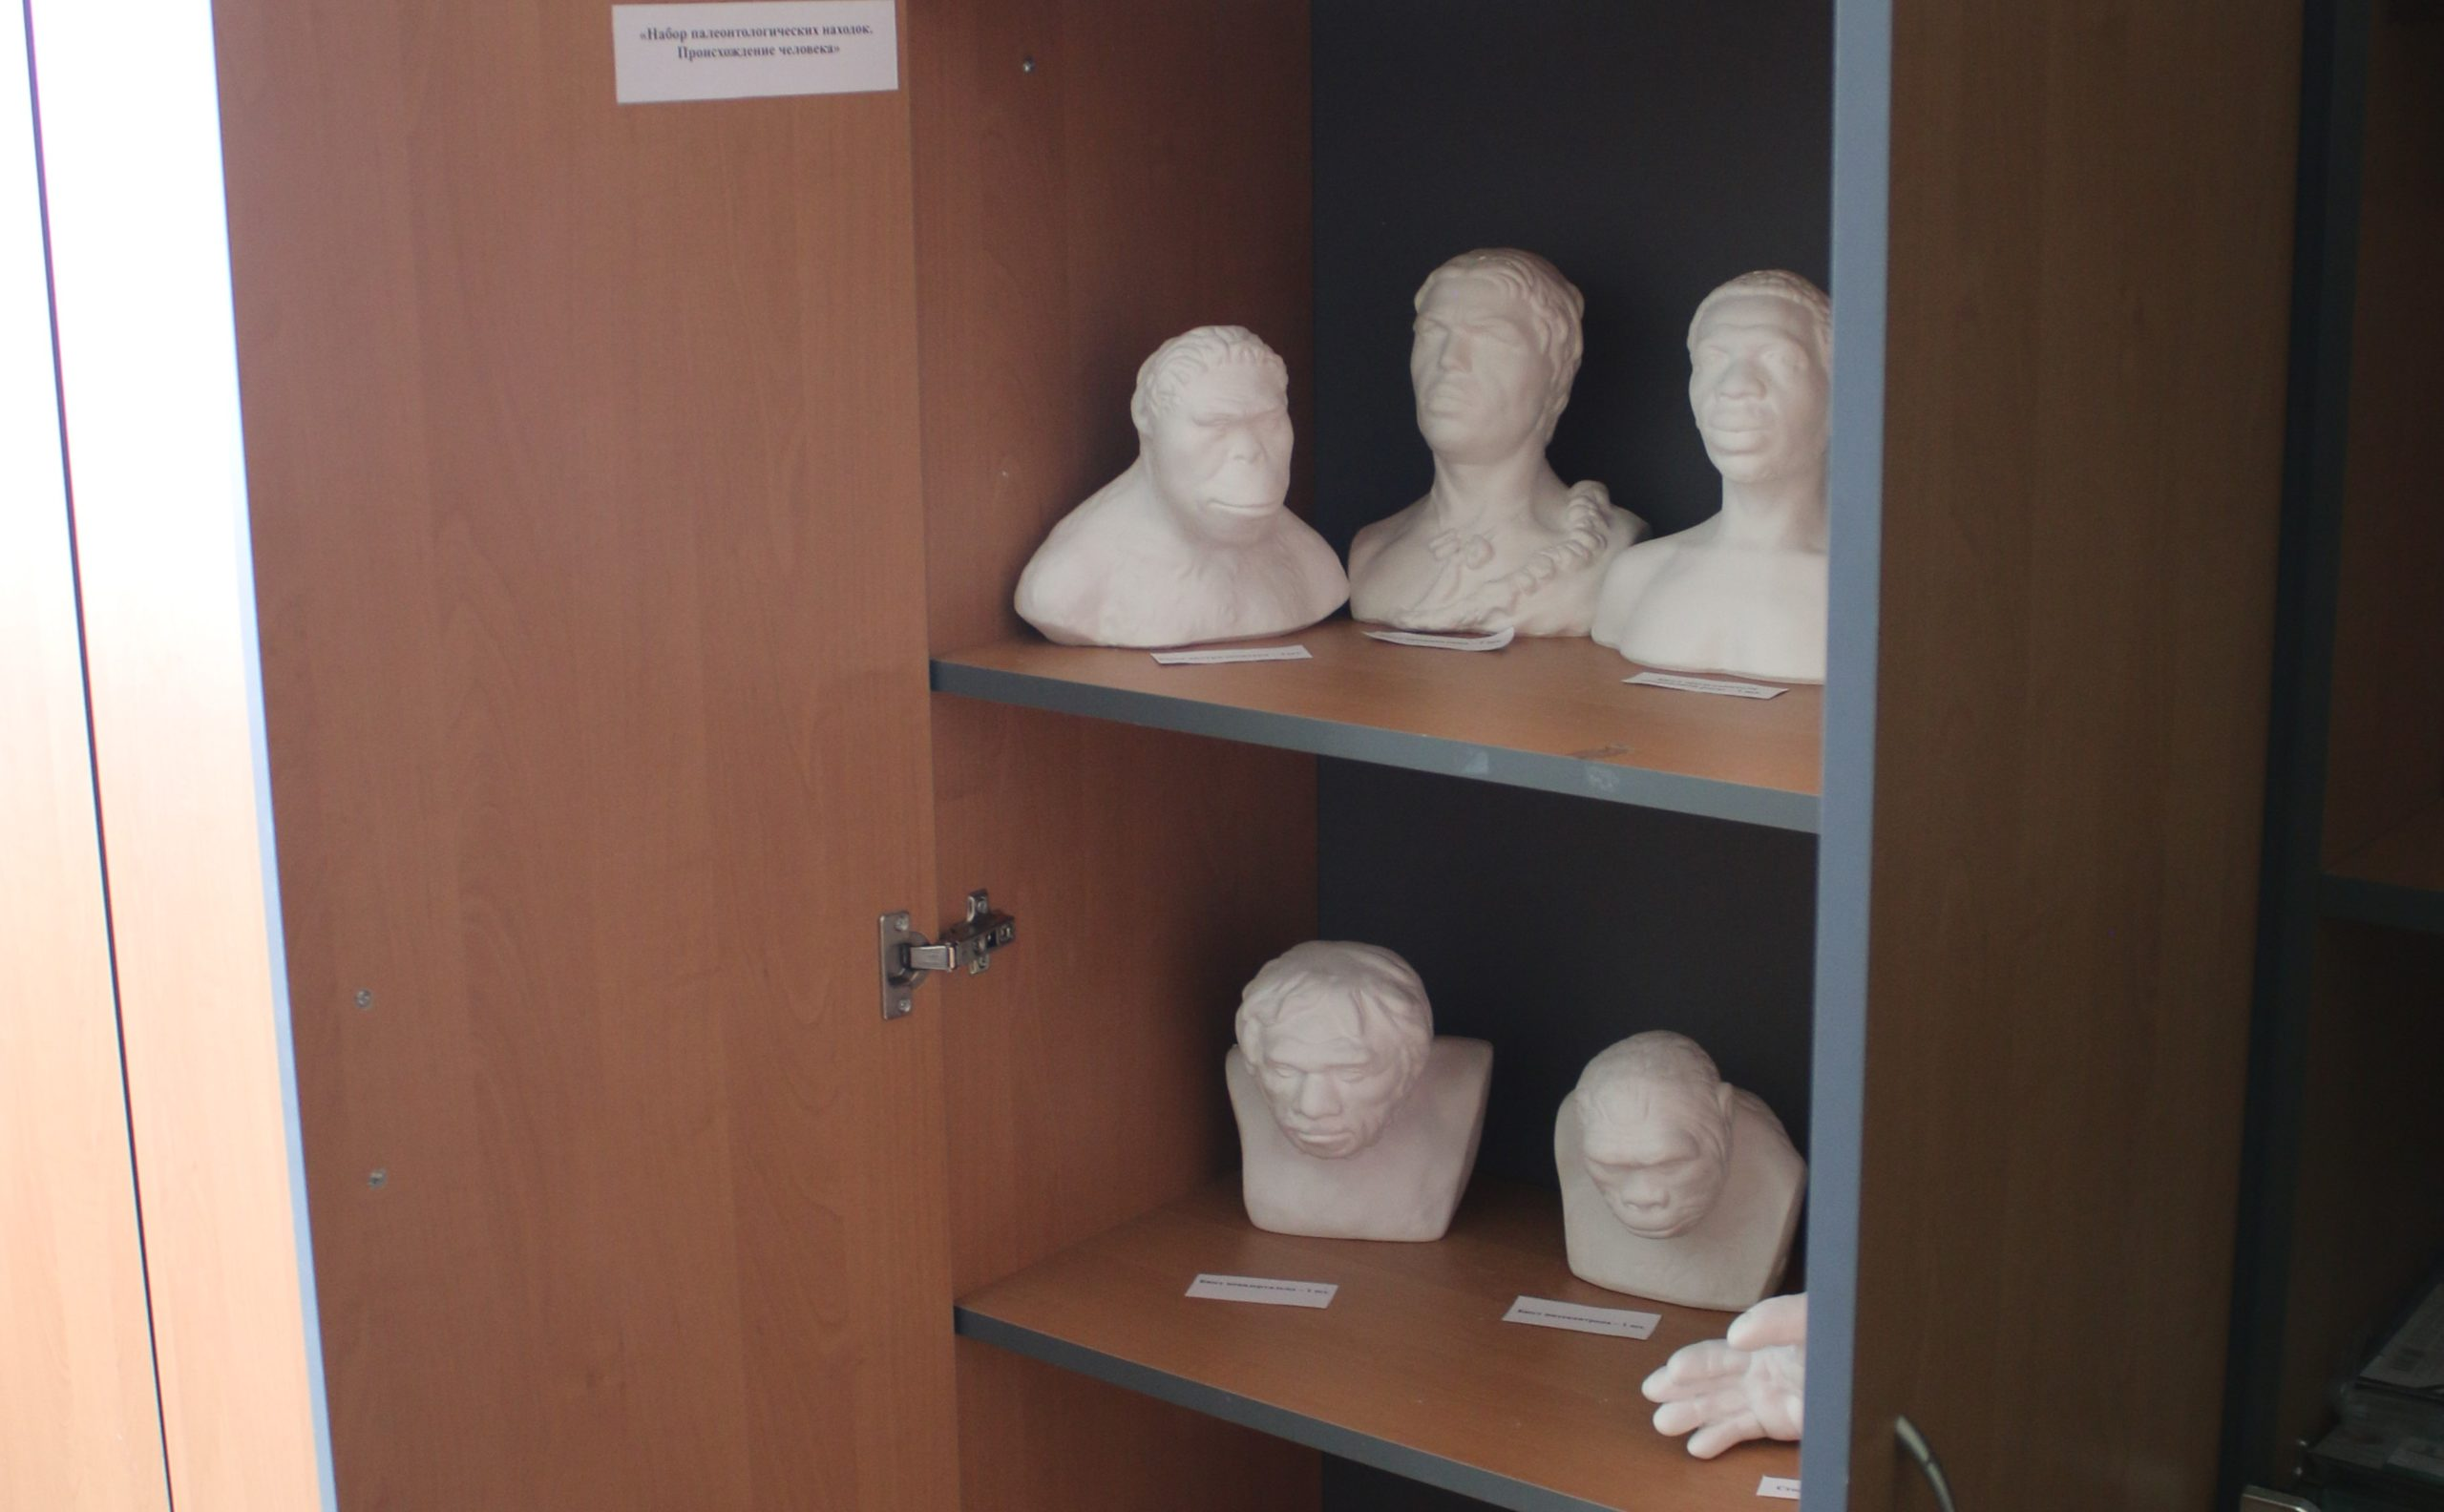 Наглядные пособия в кабинете биологии